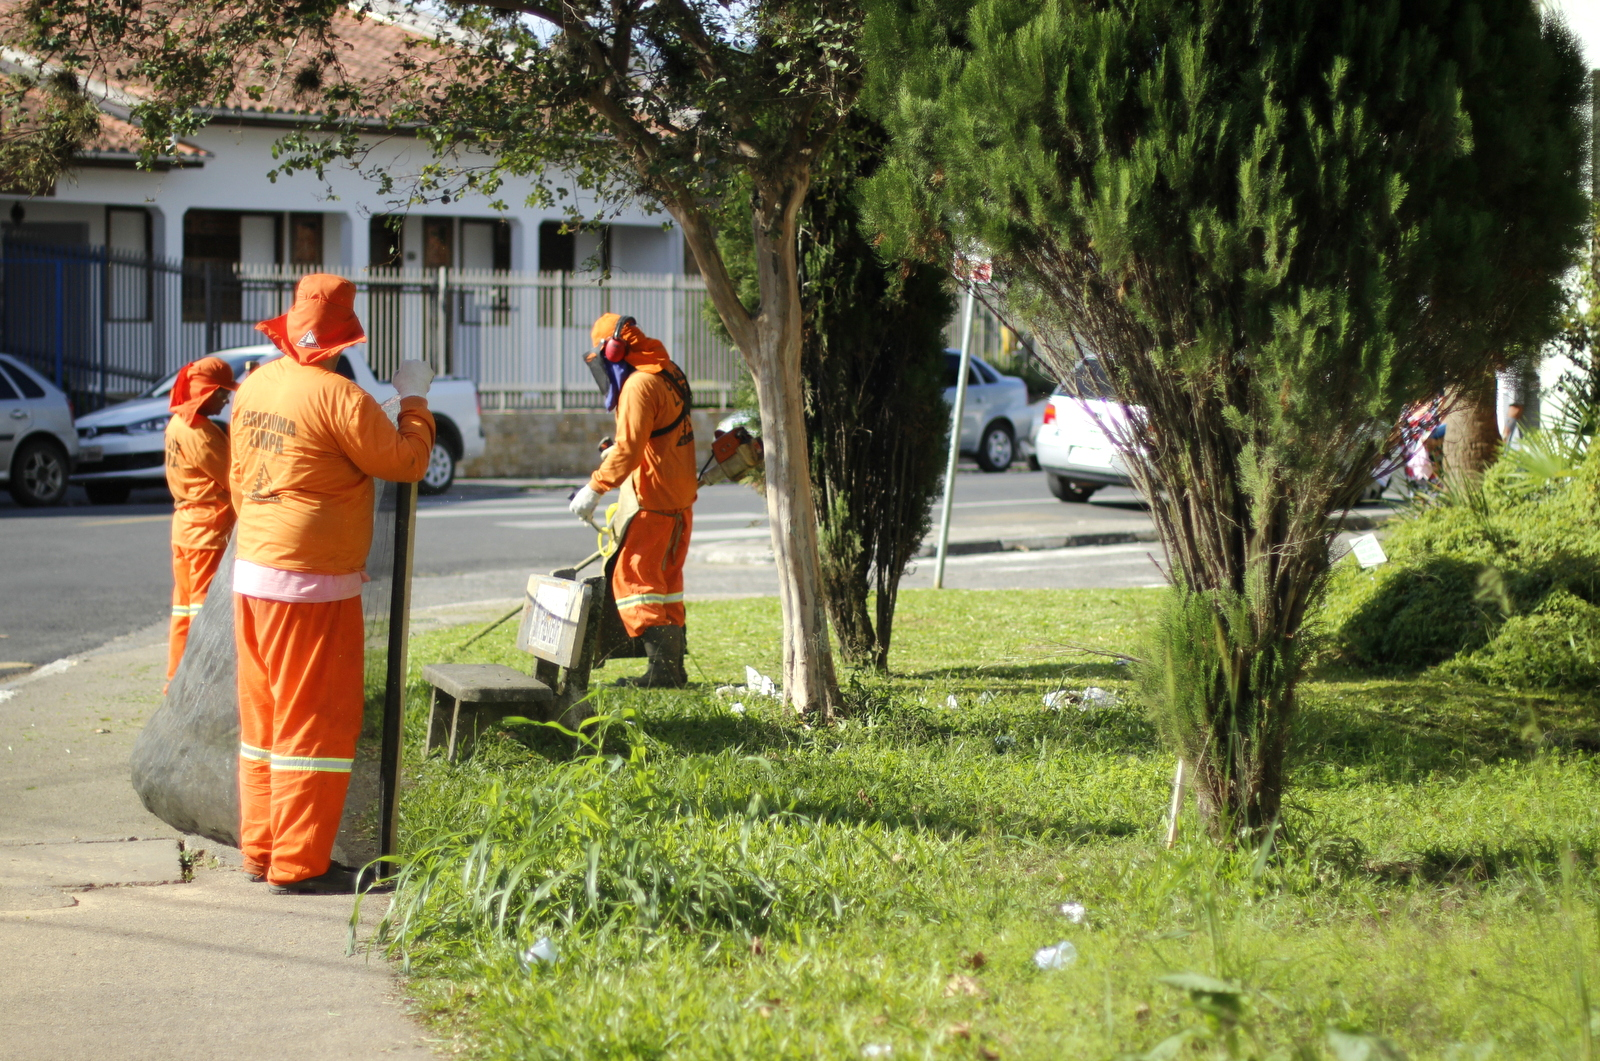 Prefeitura de Criciúma promove limpeza de logradouros públicos